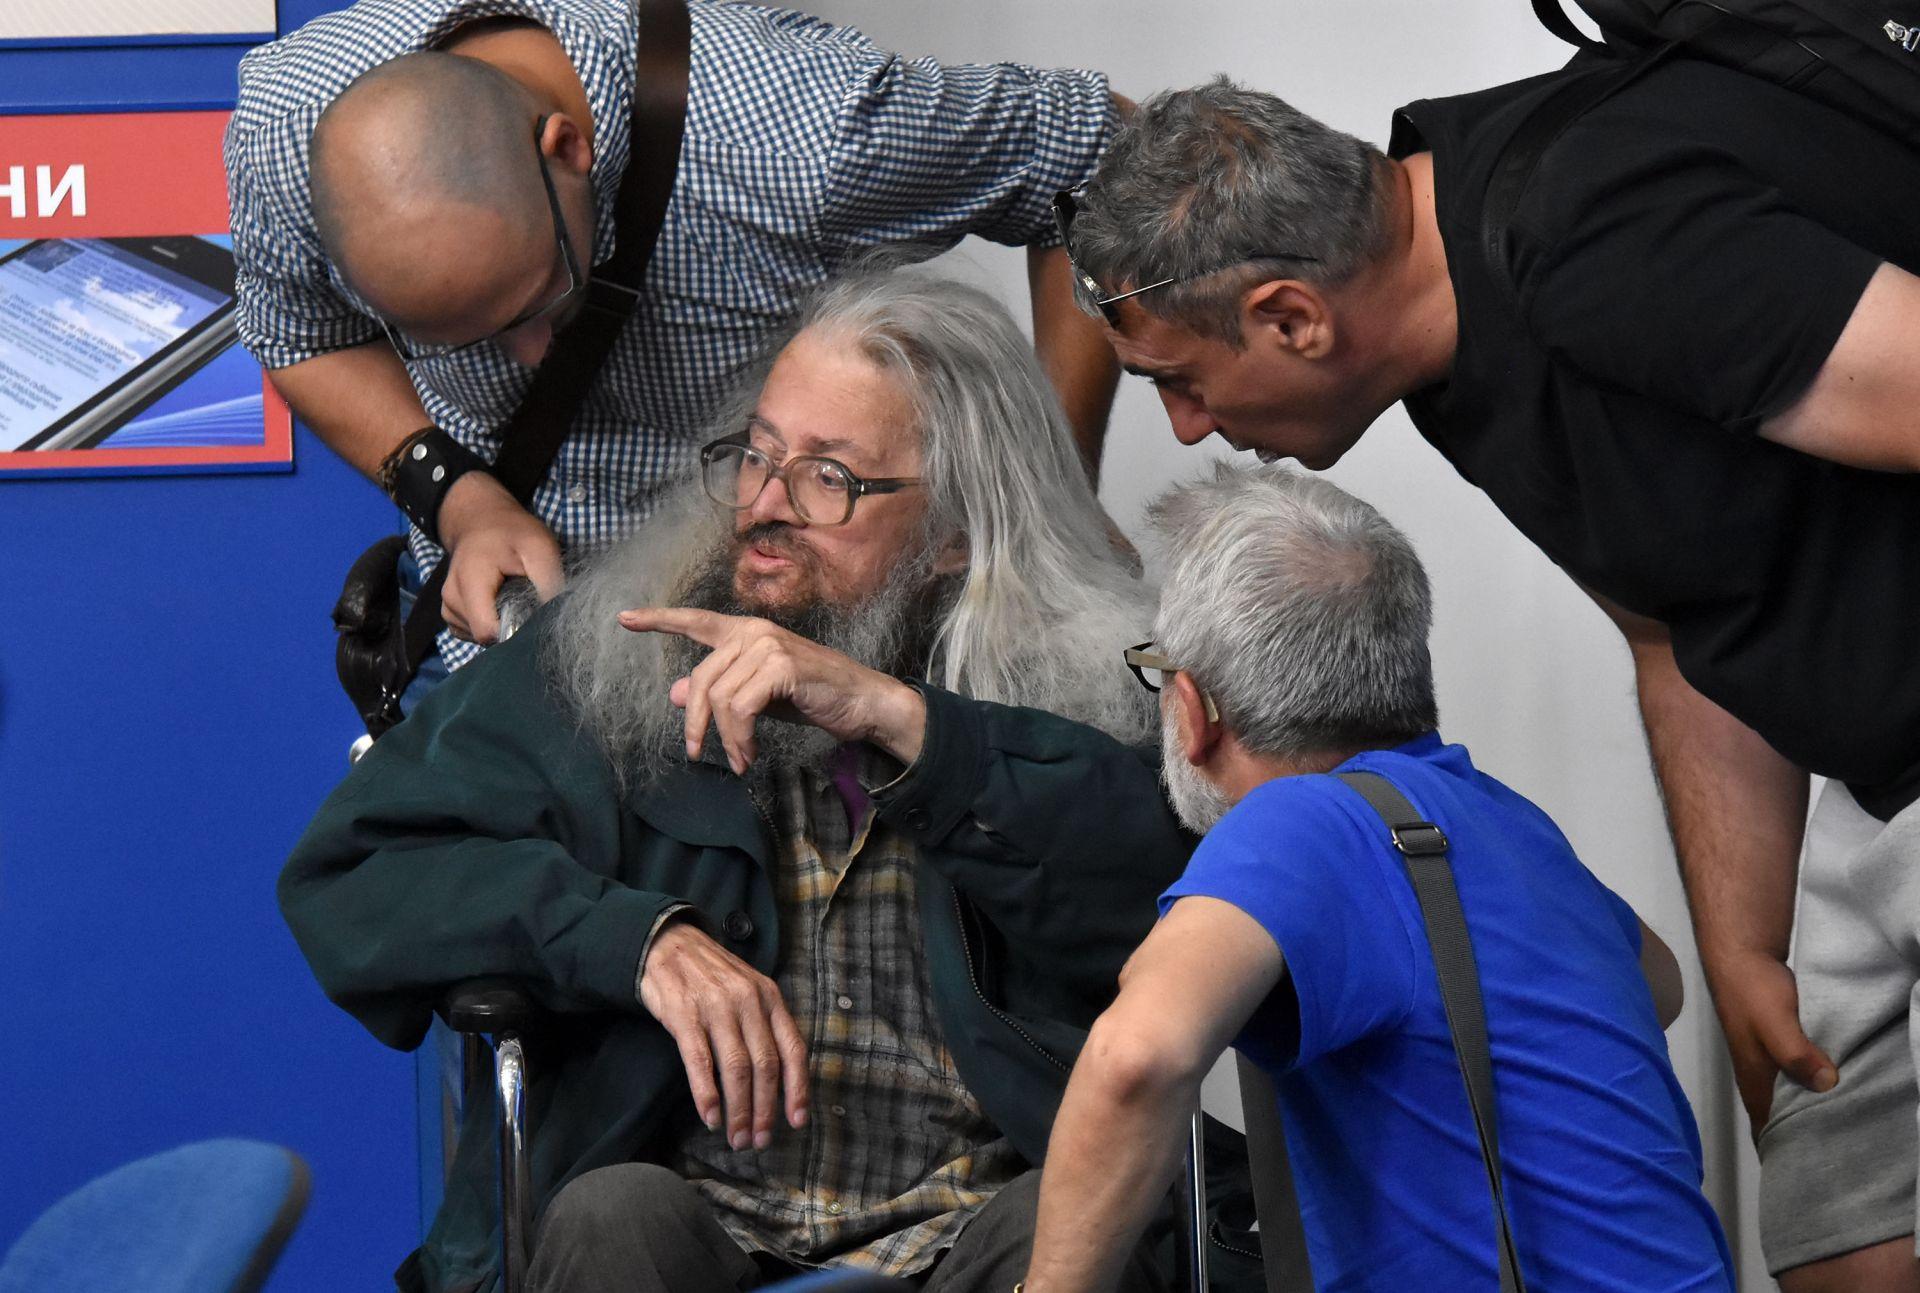 Николай Колев-Босия проведе 81 дни гладна стачка заради корупцията при издаването на шофьорски книжки, която завърши с оставката на транспортния министър Ивайло Московски